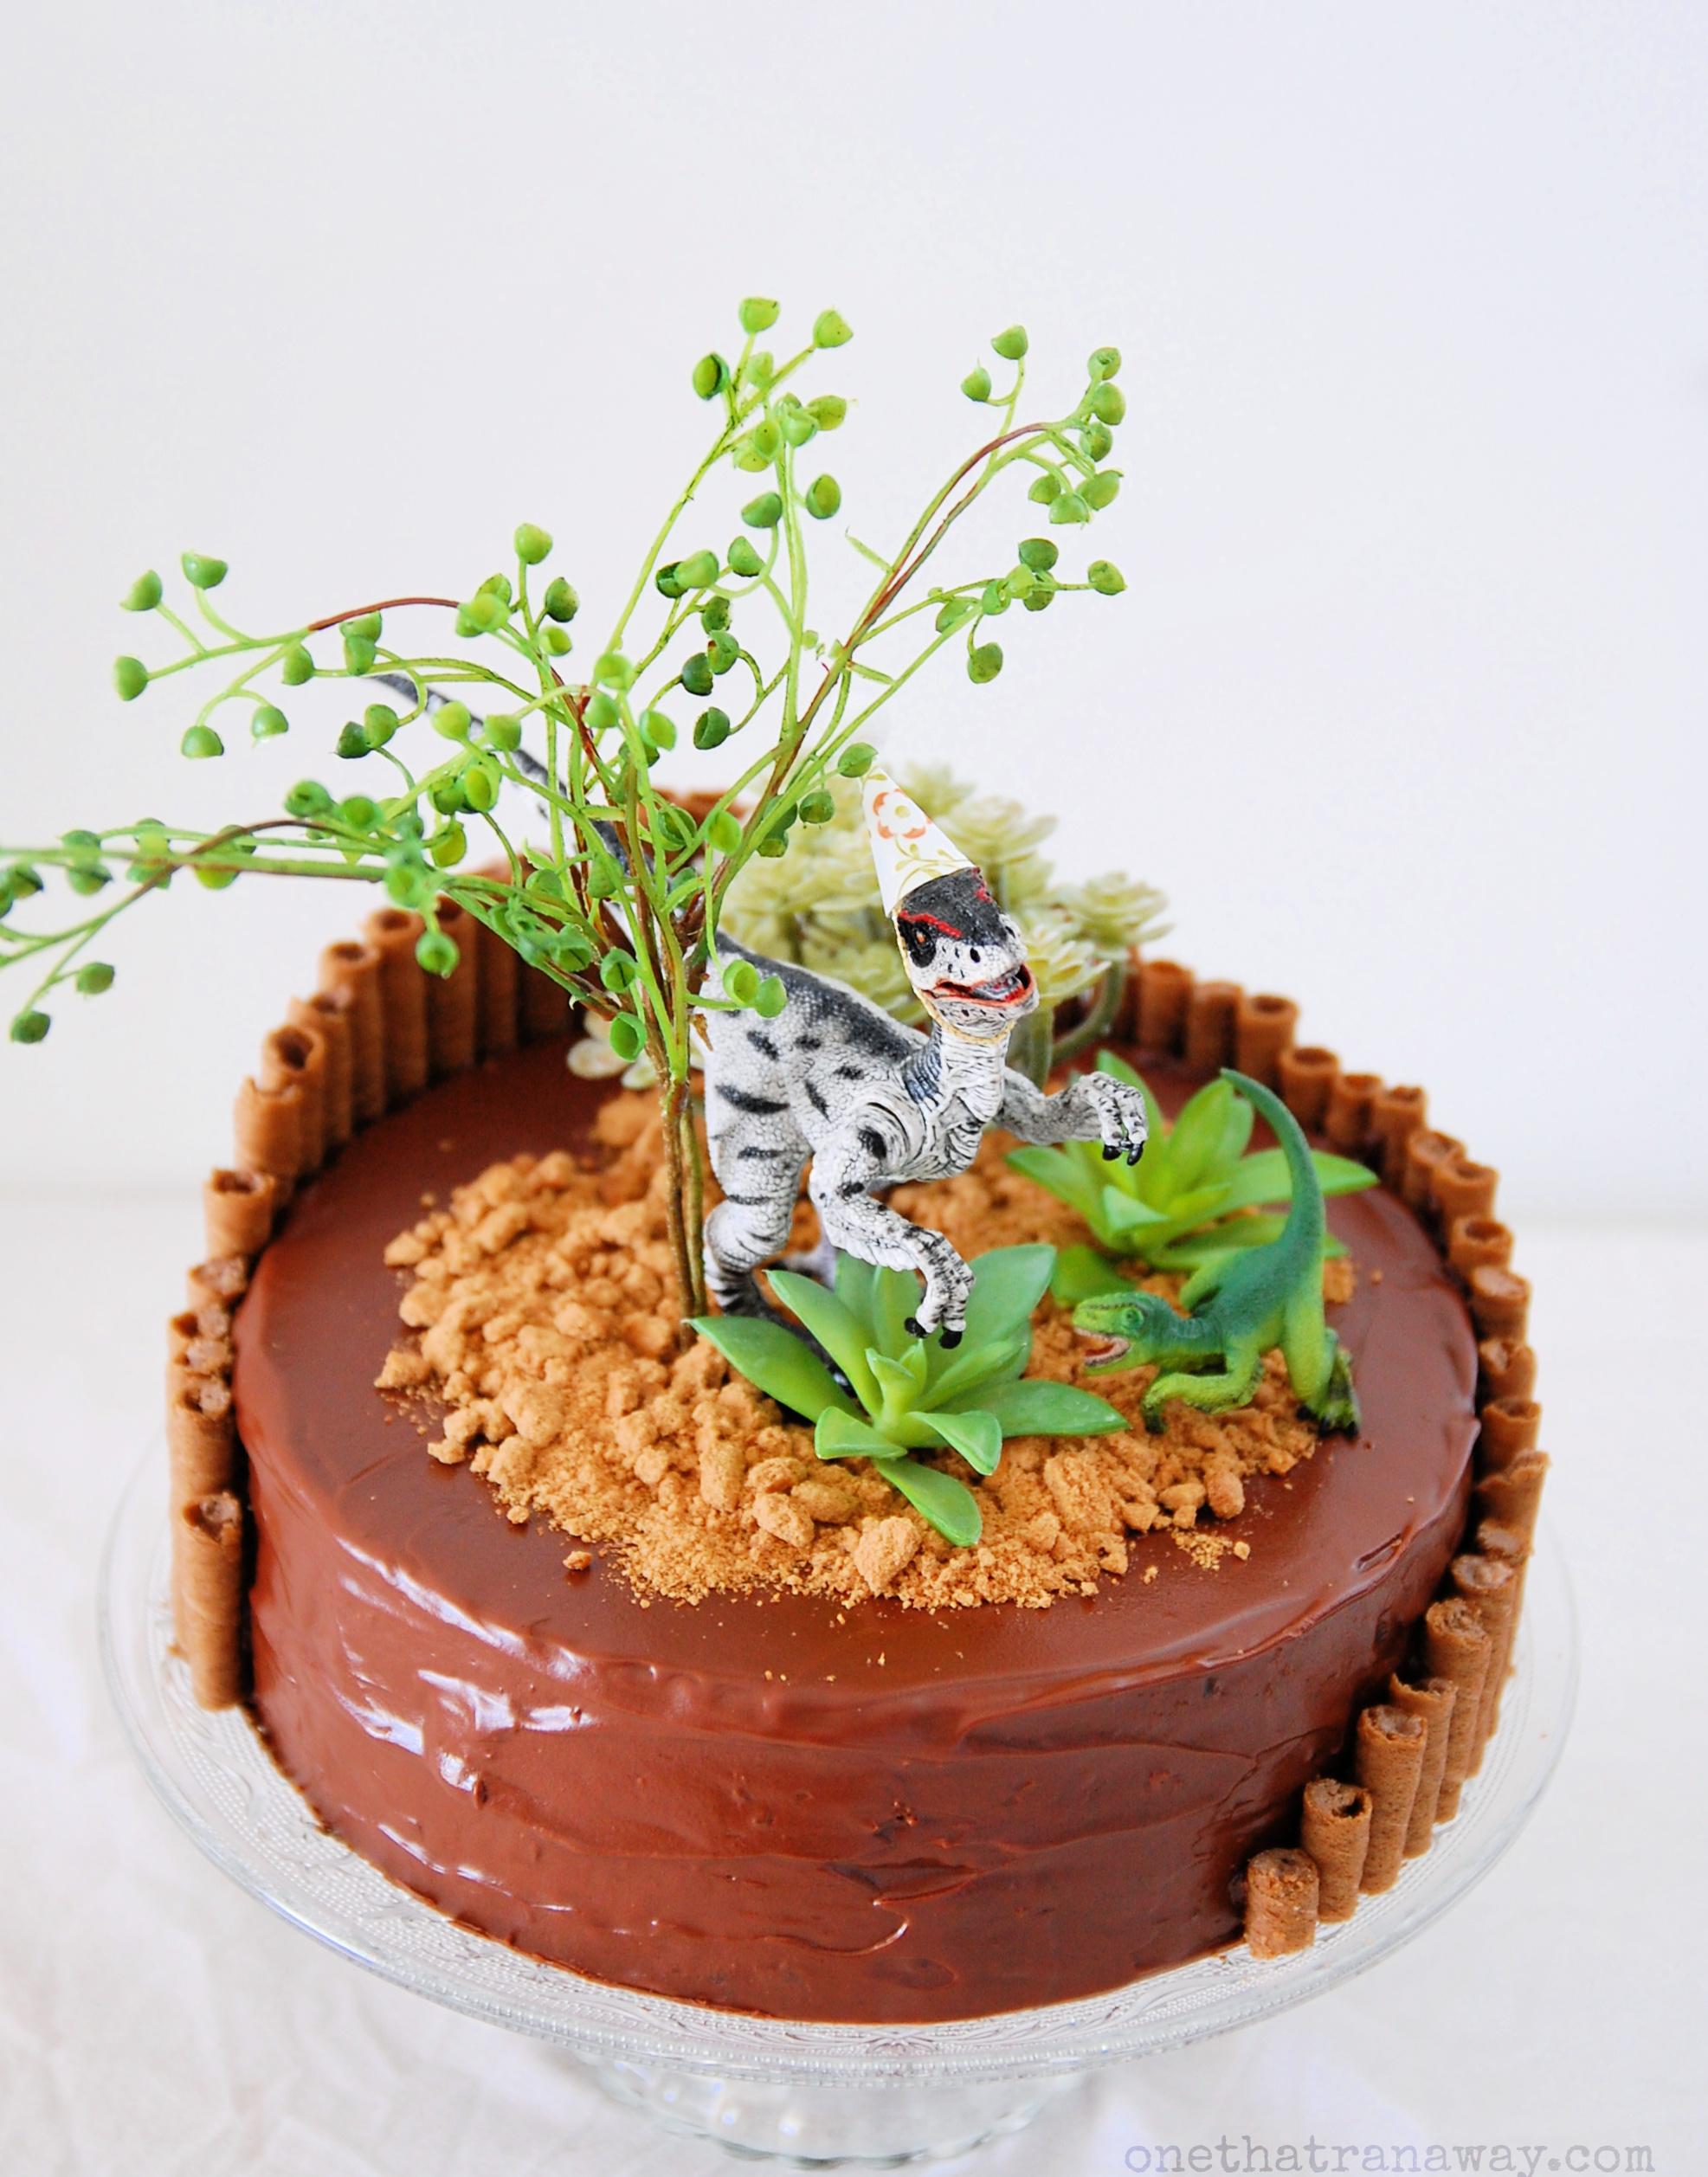 toy dinosaur on chocolate cake